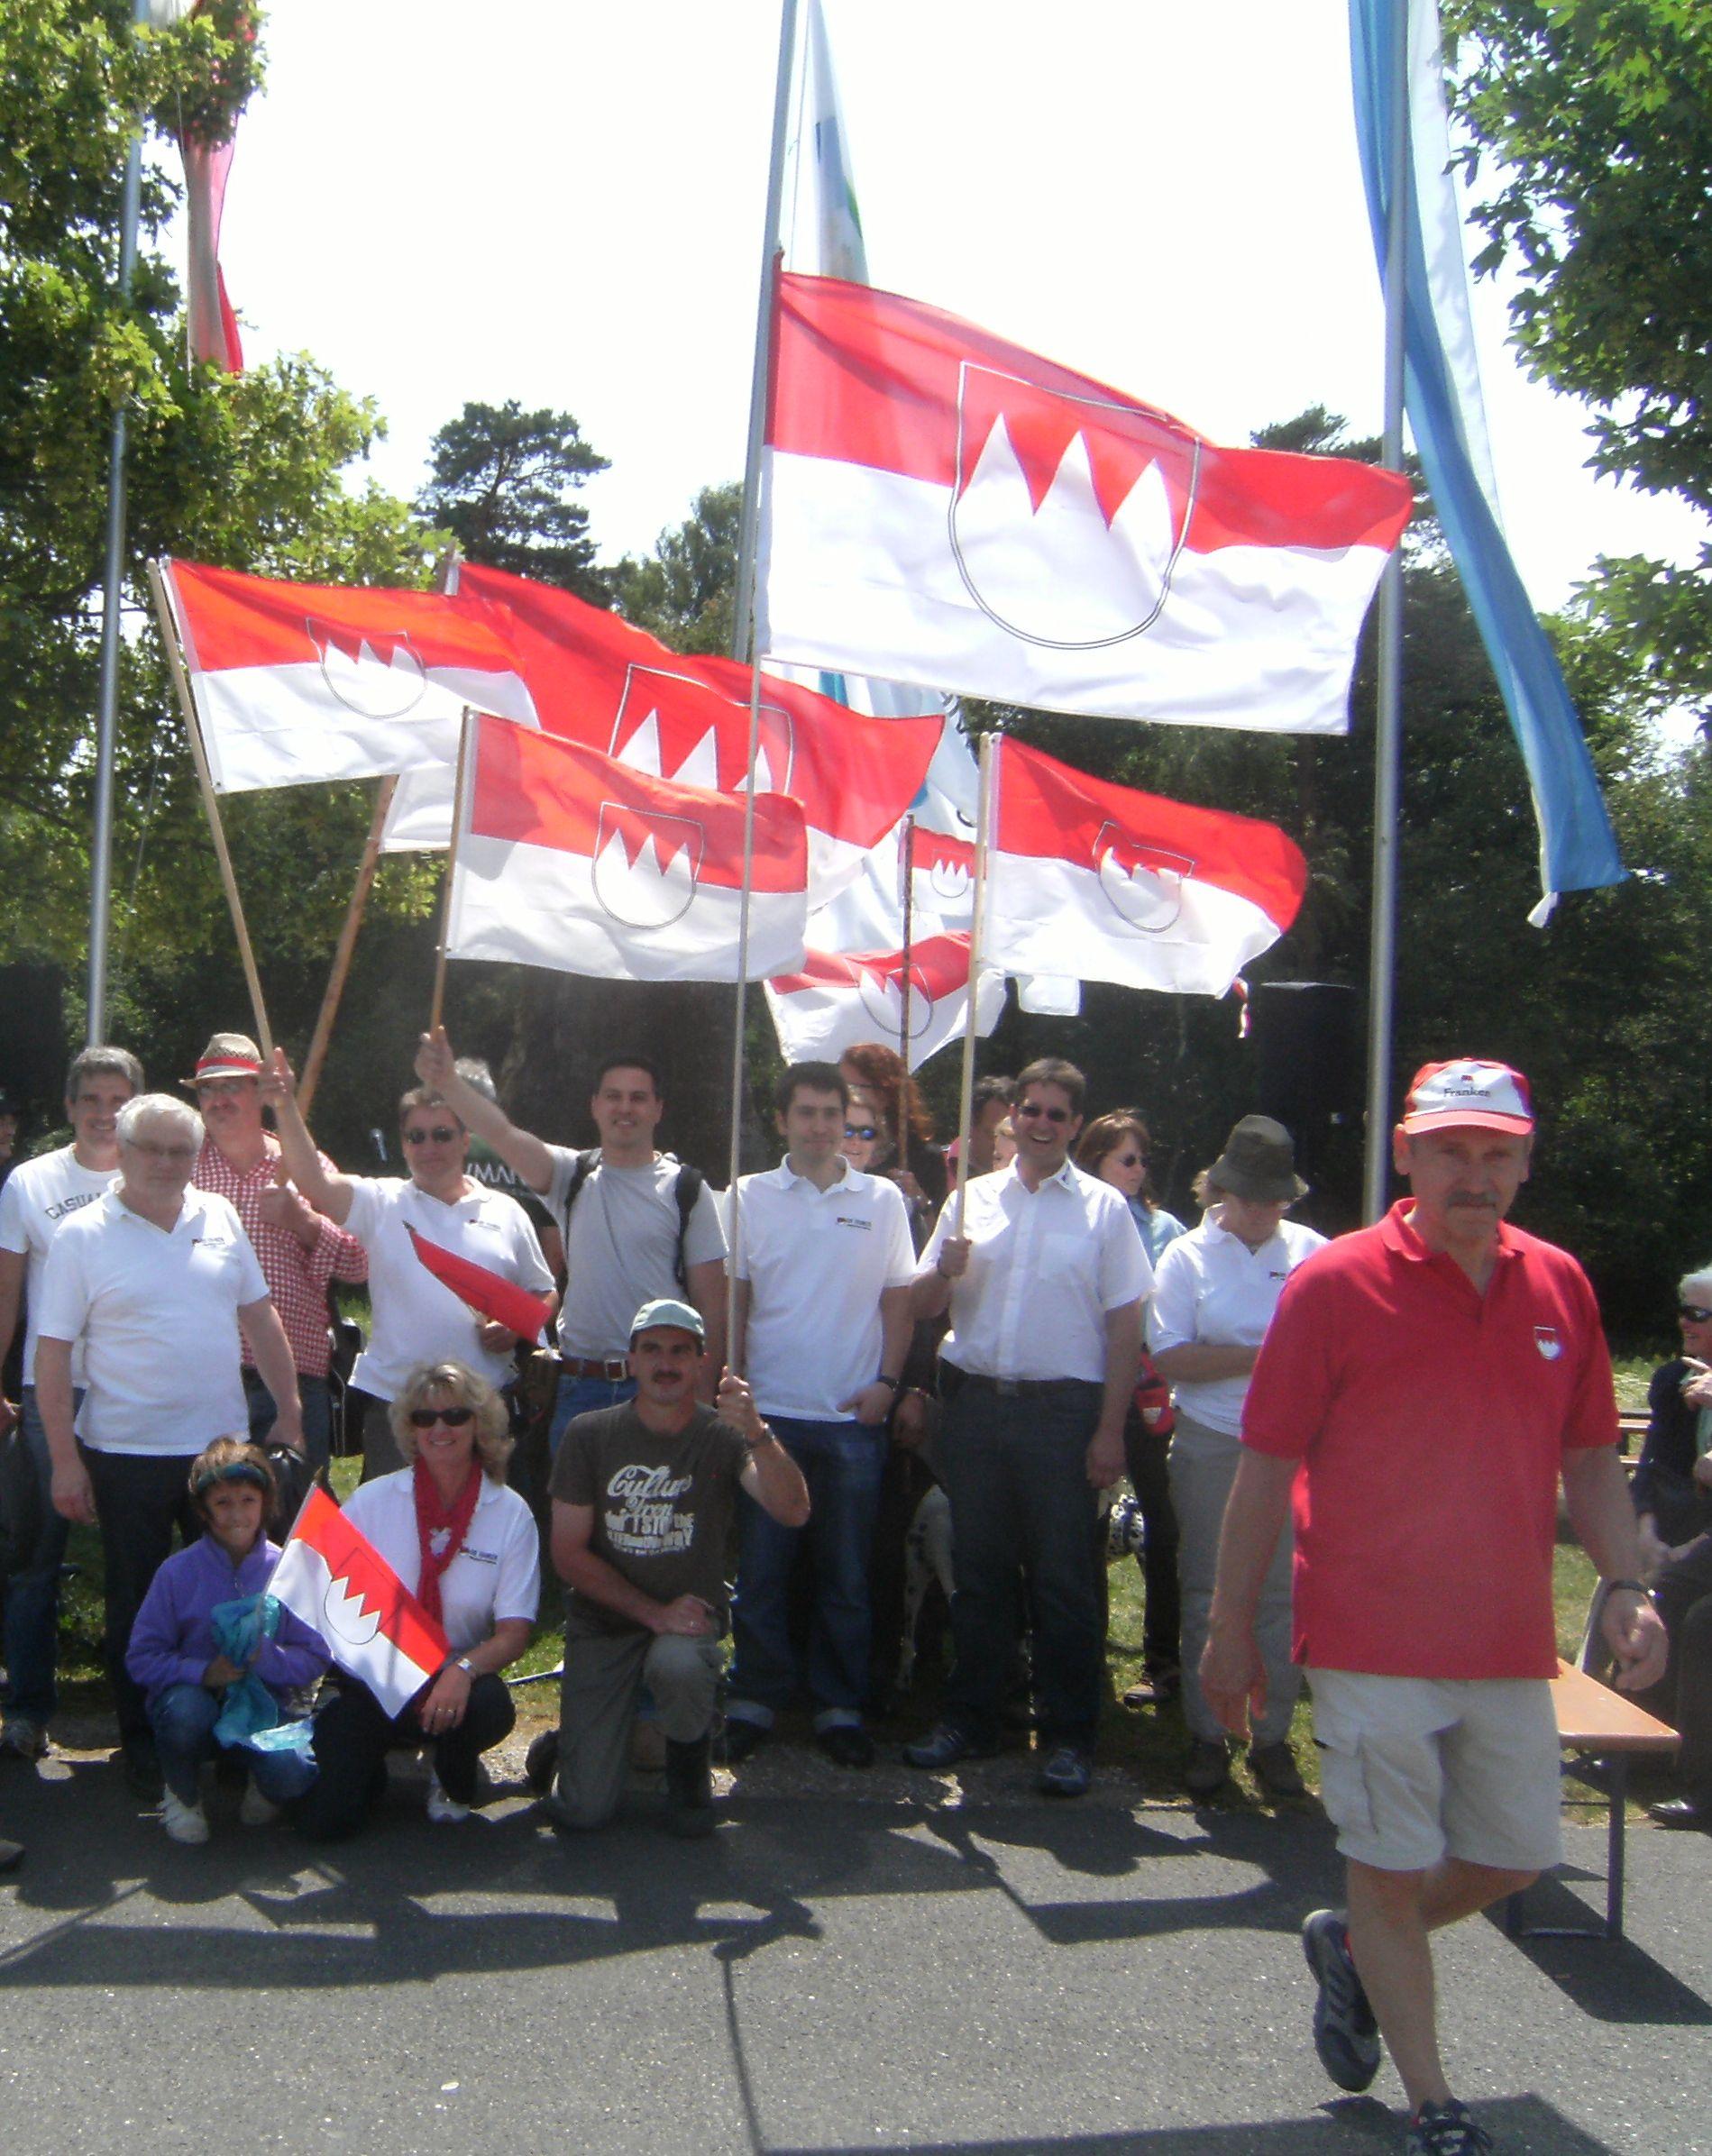 2011 6 Am Dreifrankenstein Rot-weiß verdeckt weiß-blau